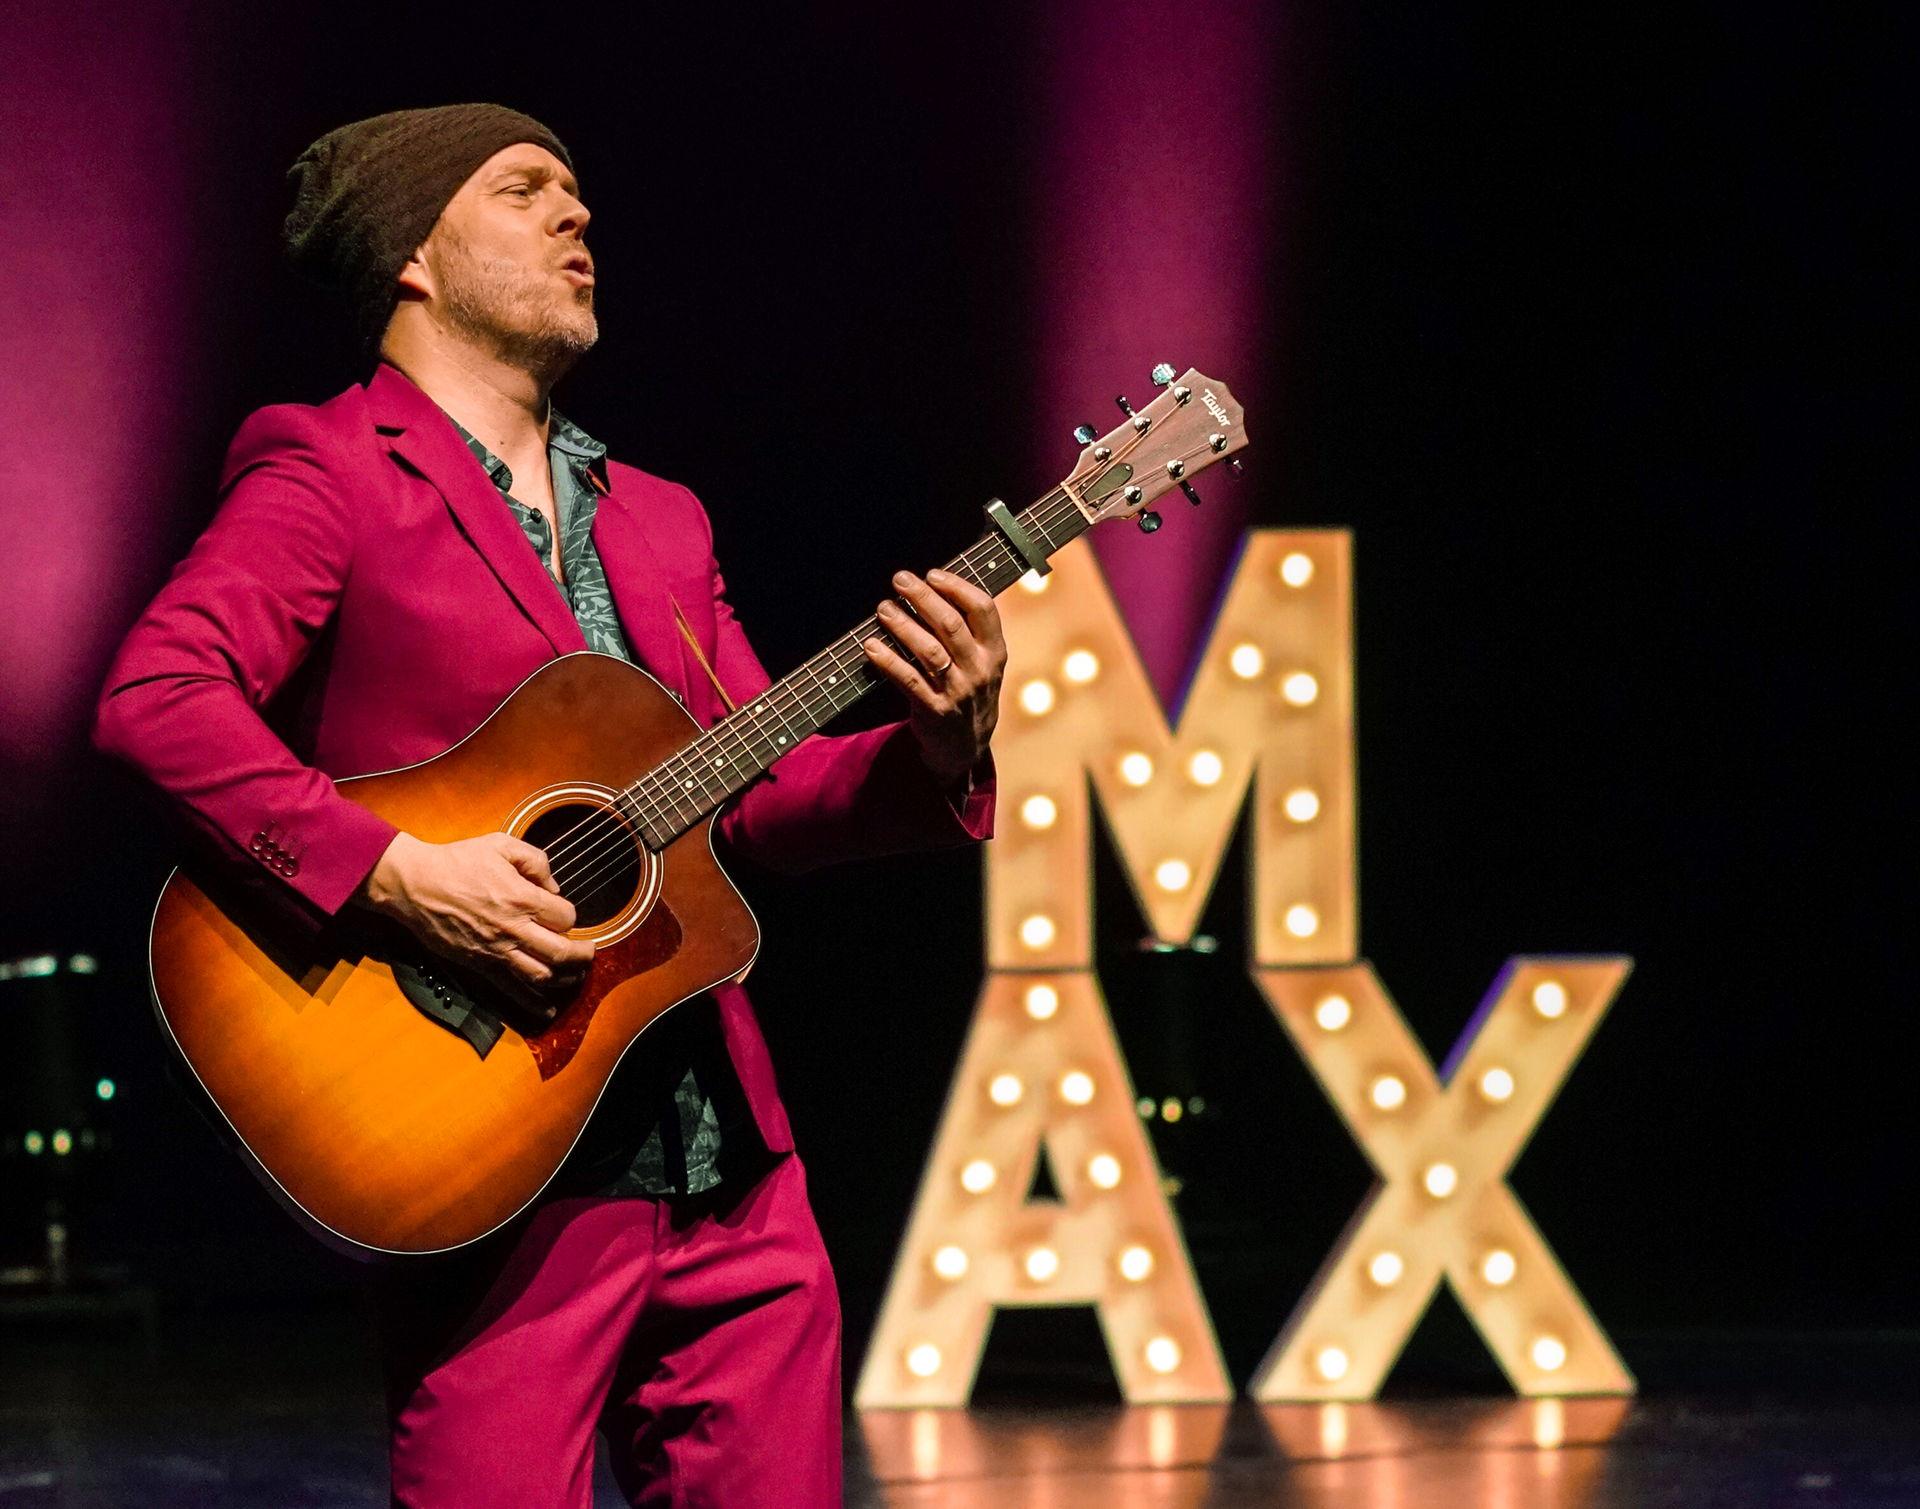 In 2019 presenteerde Max van den Burg zijn show Paasbest. Hij voerde het publiek genadeloos langs de rafelranden van onze perfect gestylde wereld.